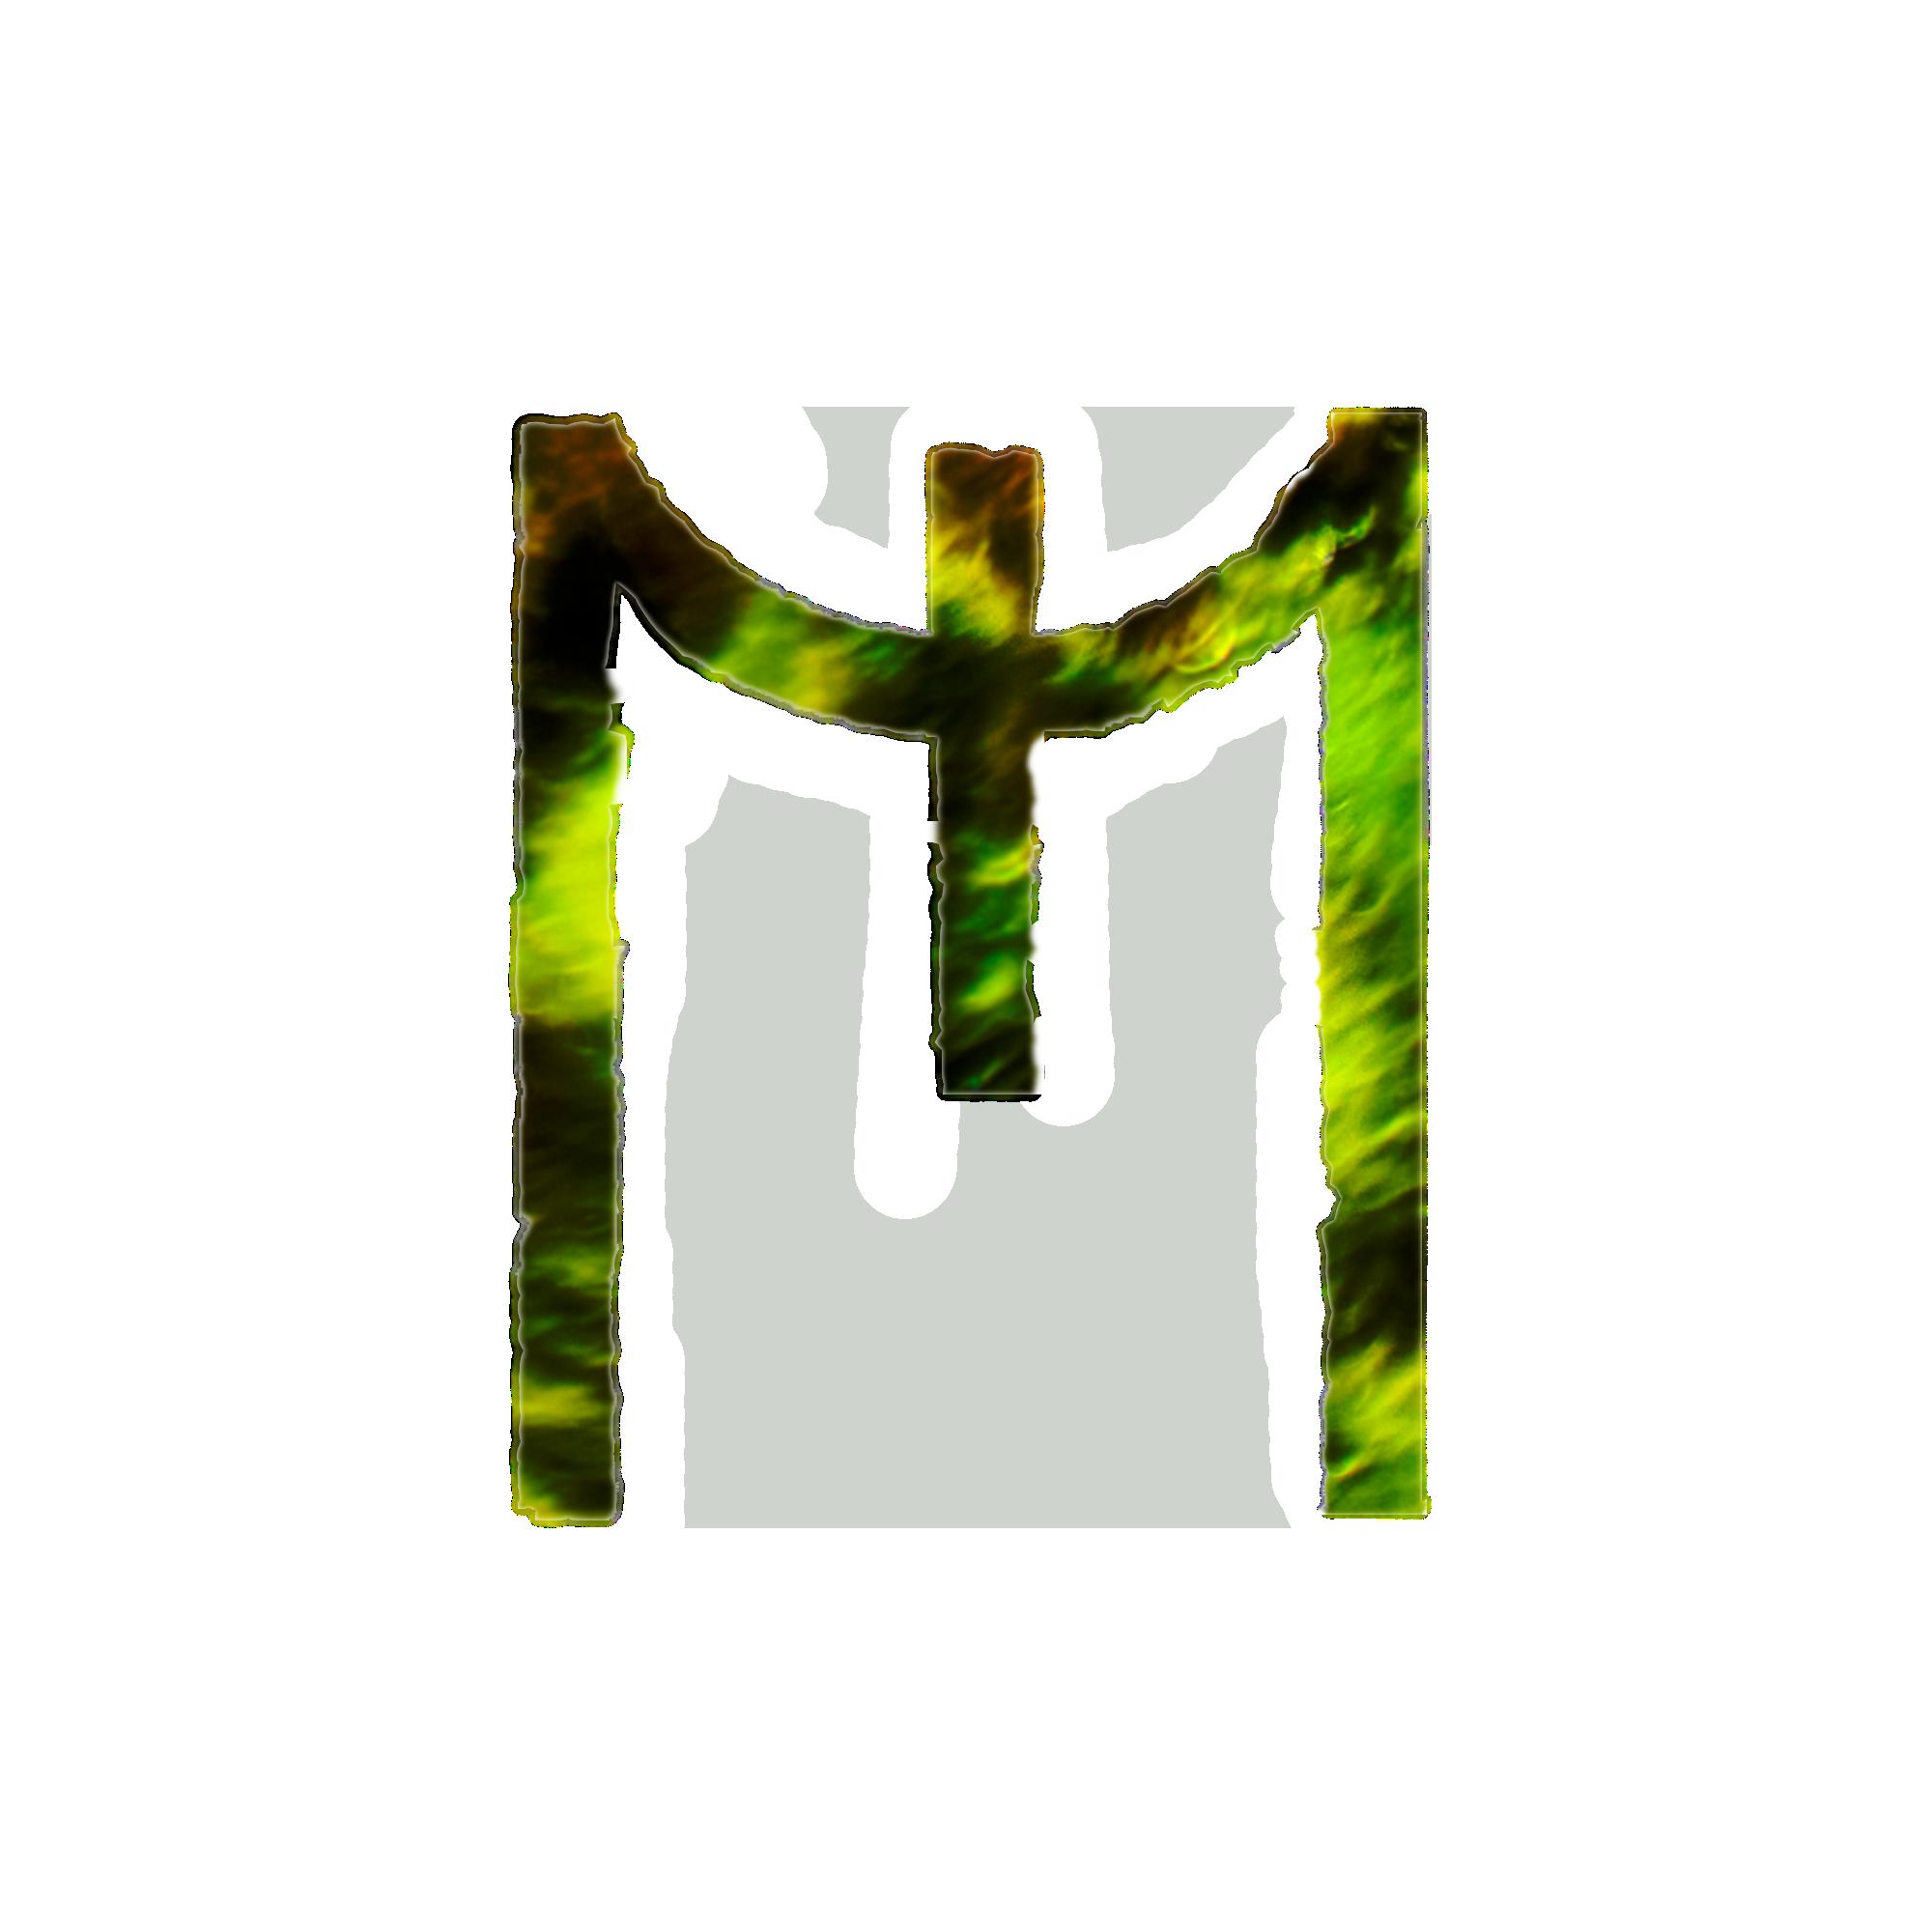 Mauloa